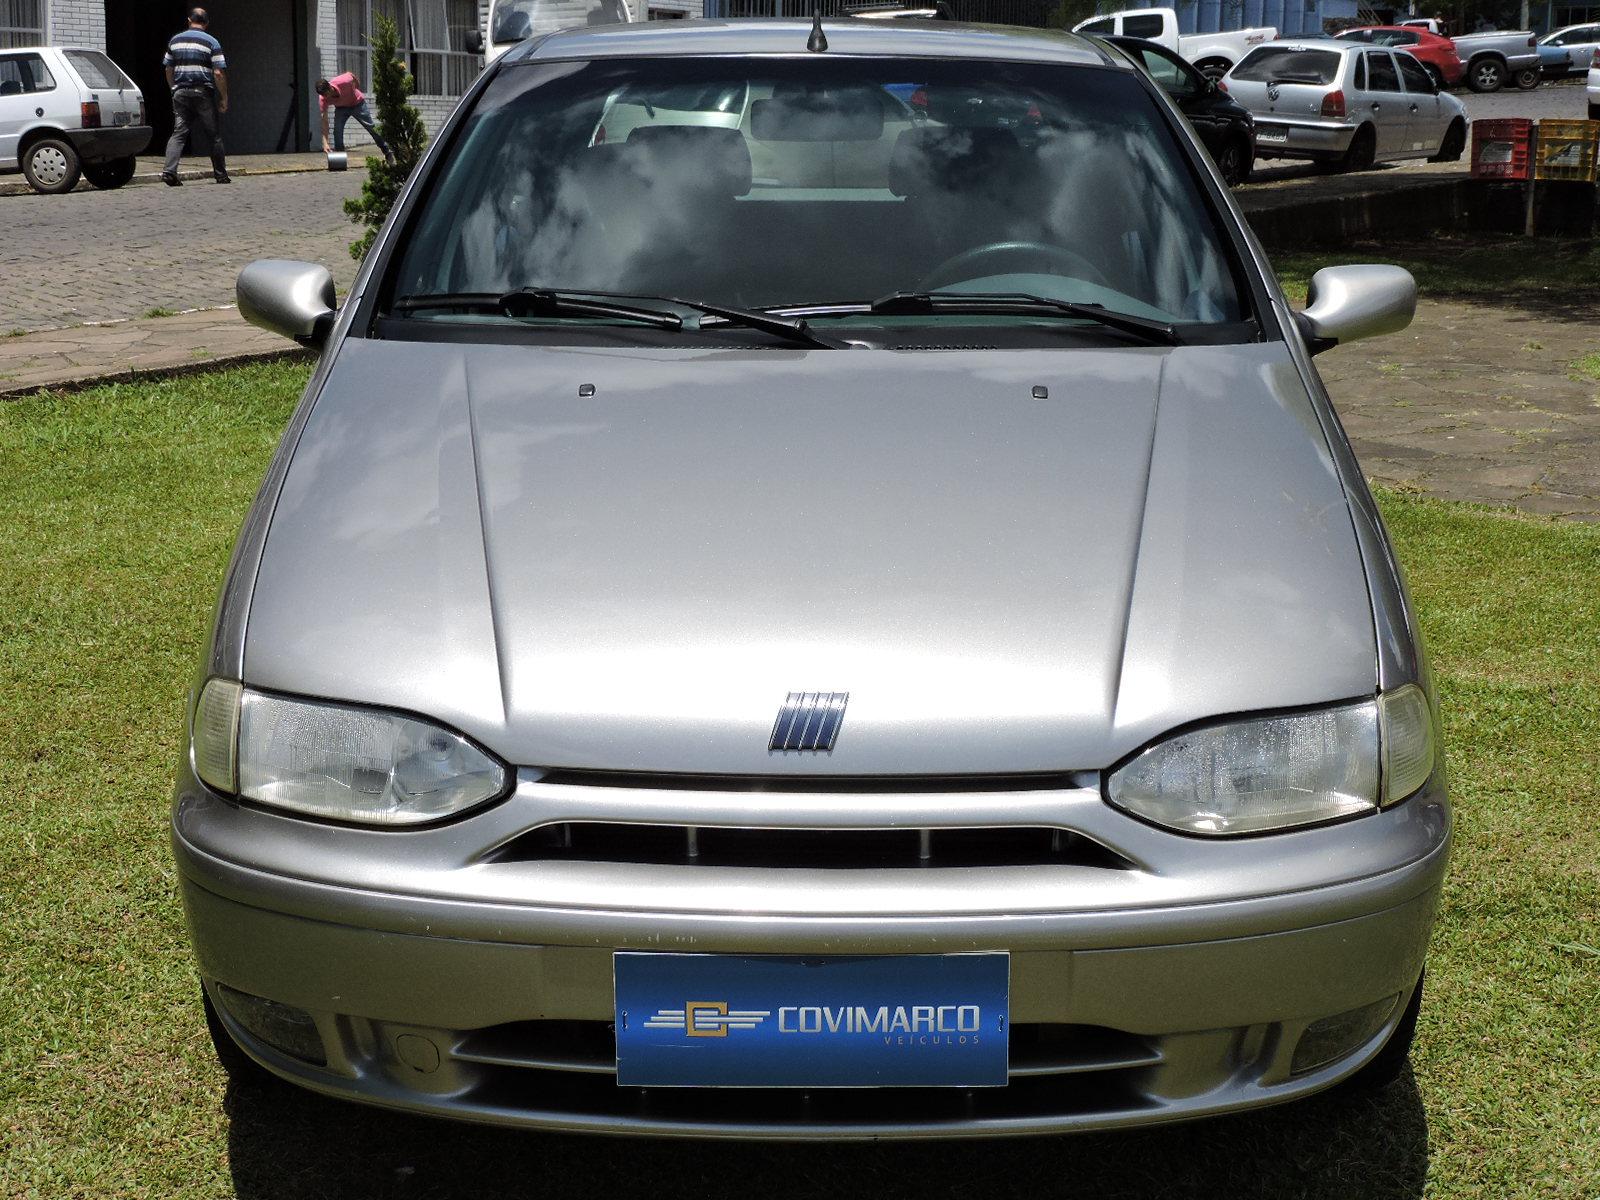 palio-2000-037